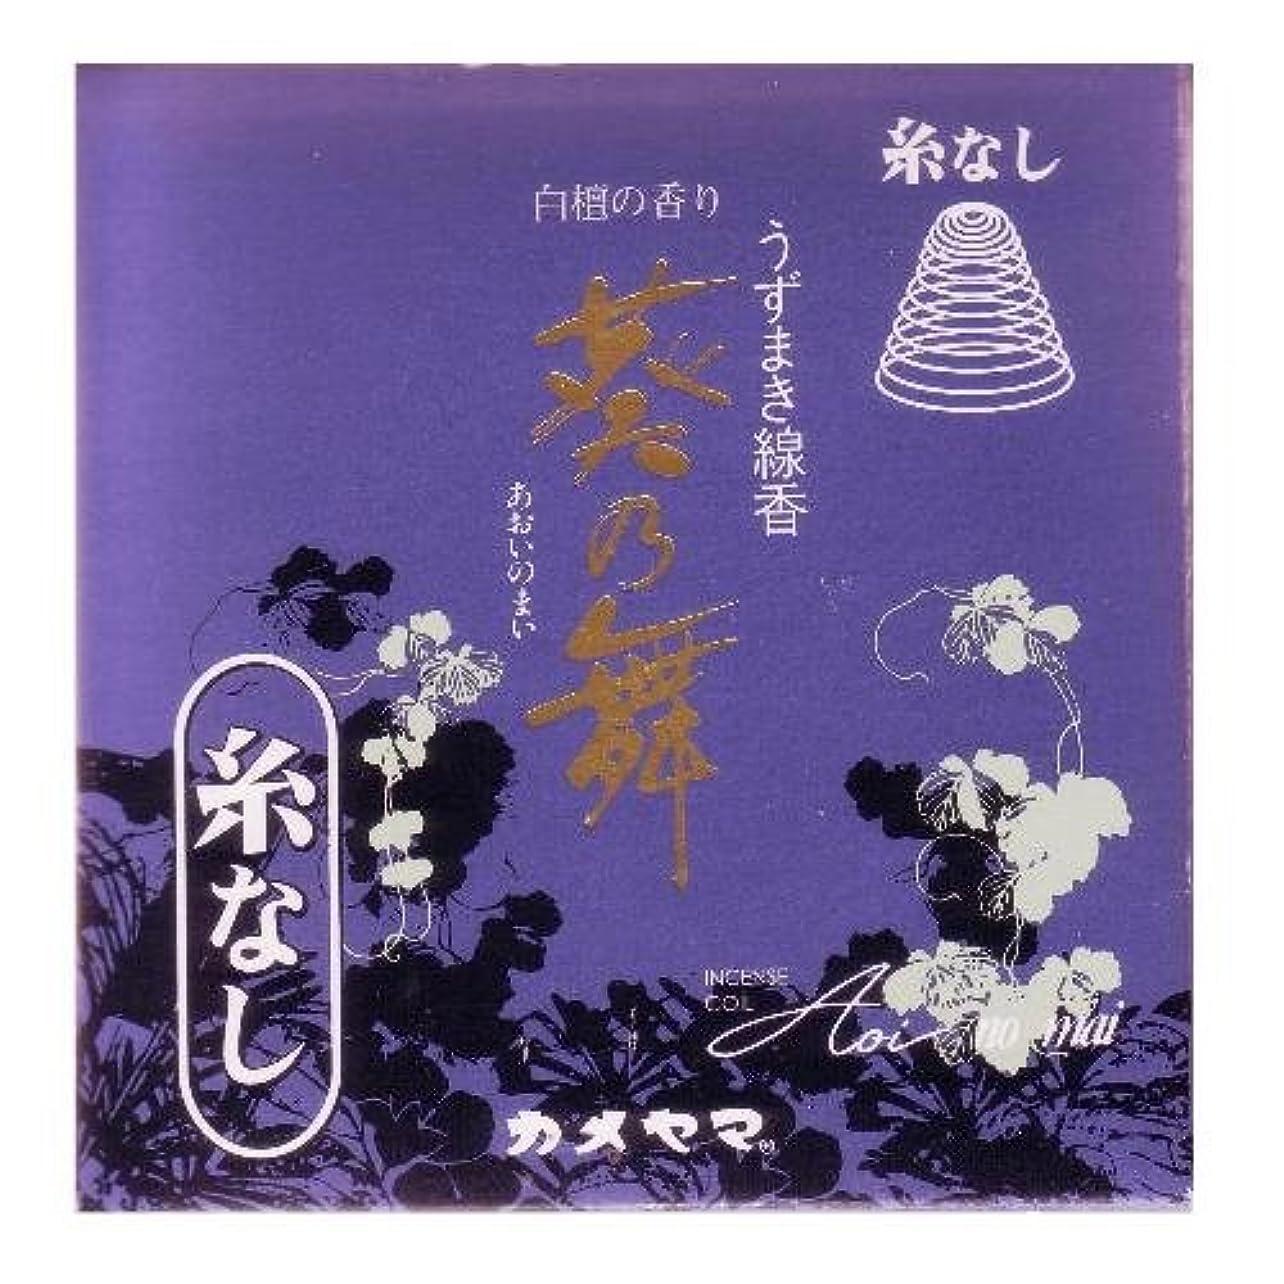 コンベンションシニス静脈葵乃舞 白檀 うずまき つり糸なし 14巻入